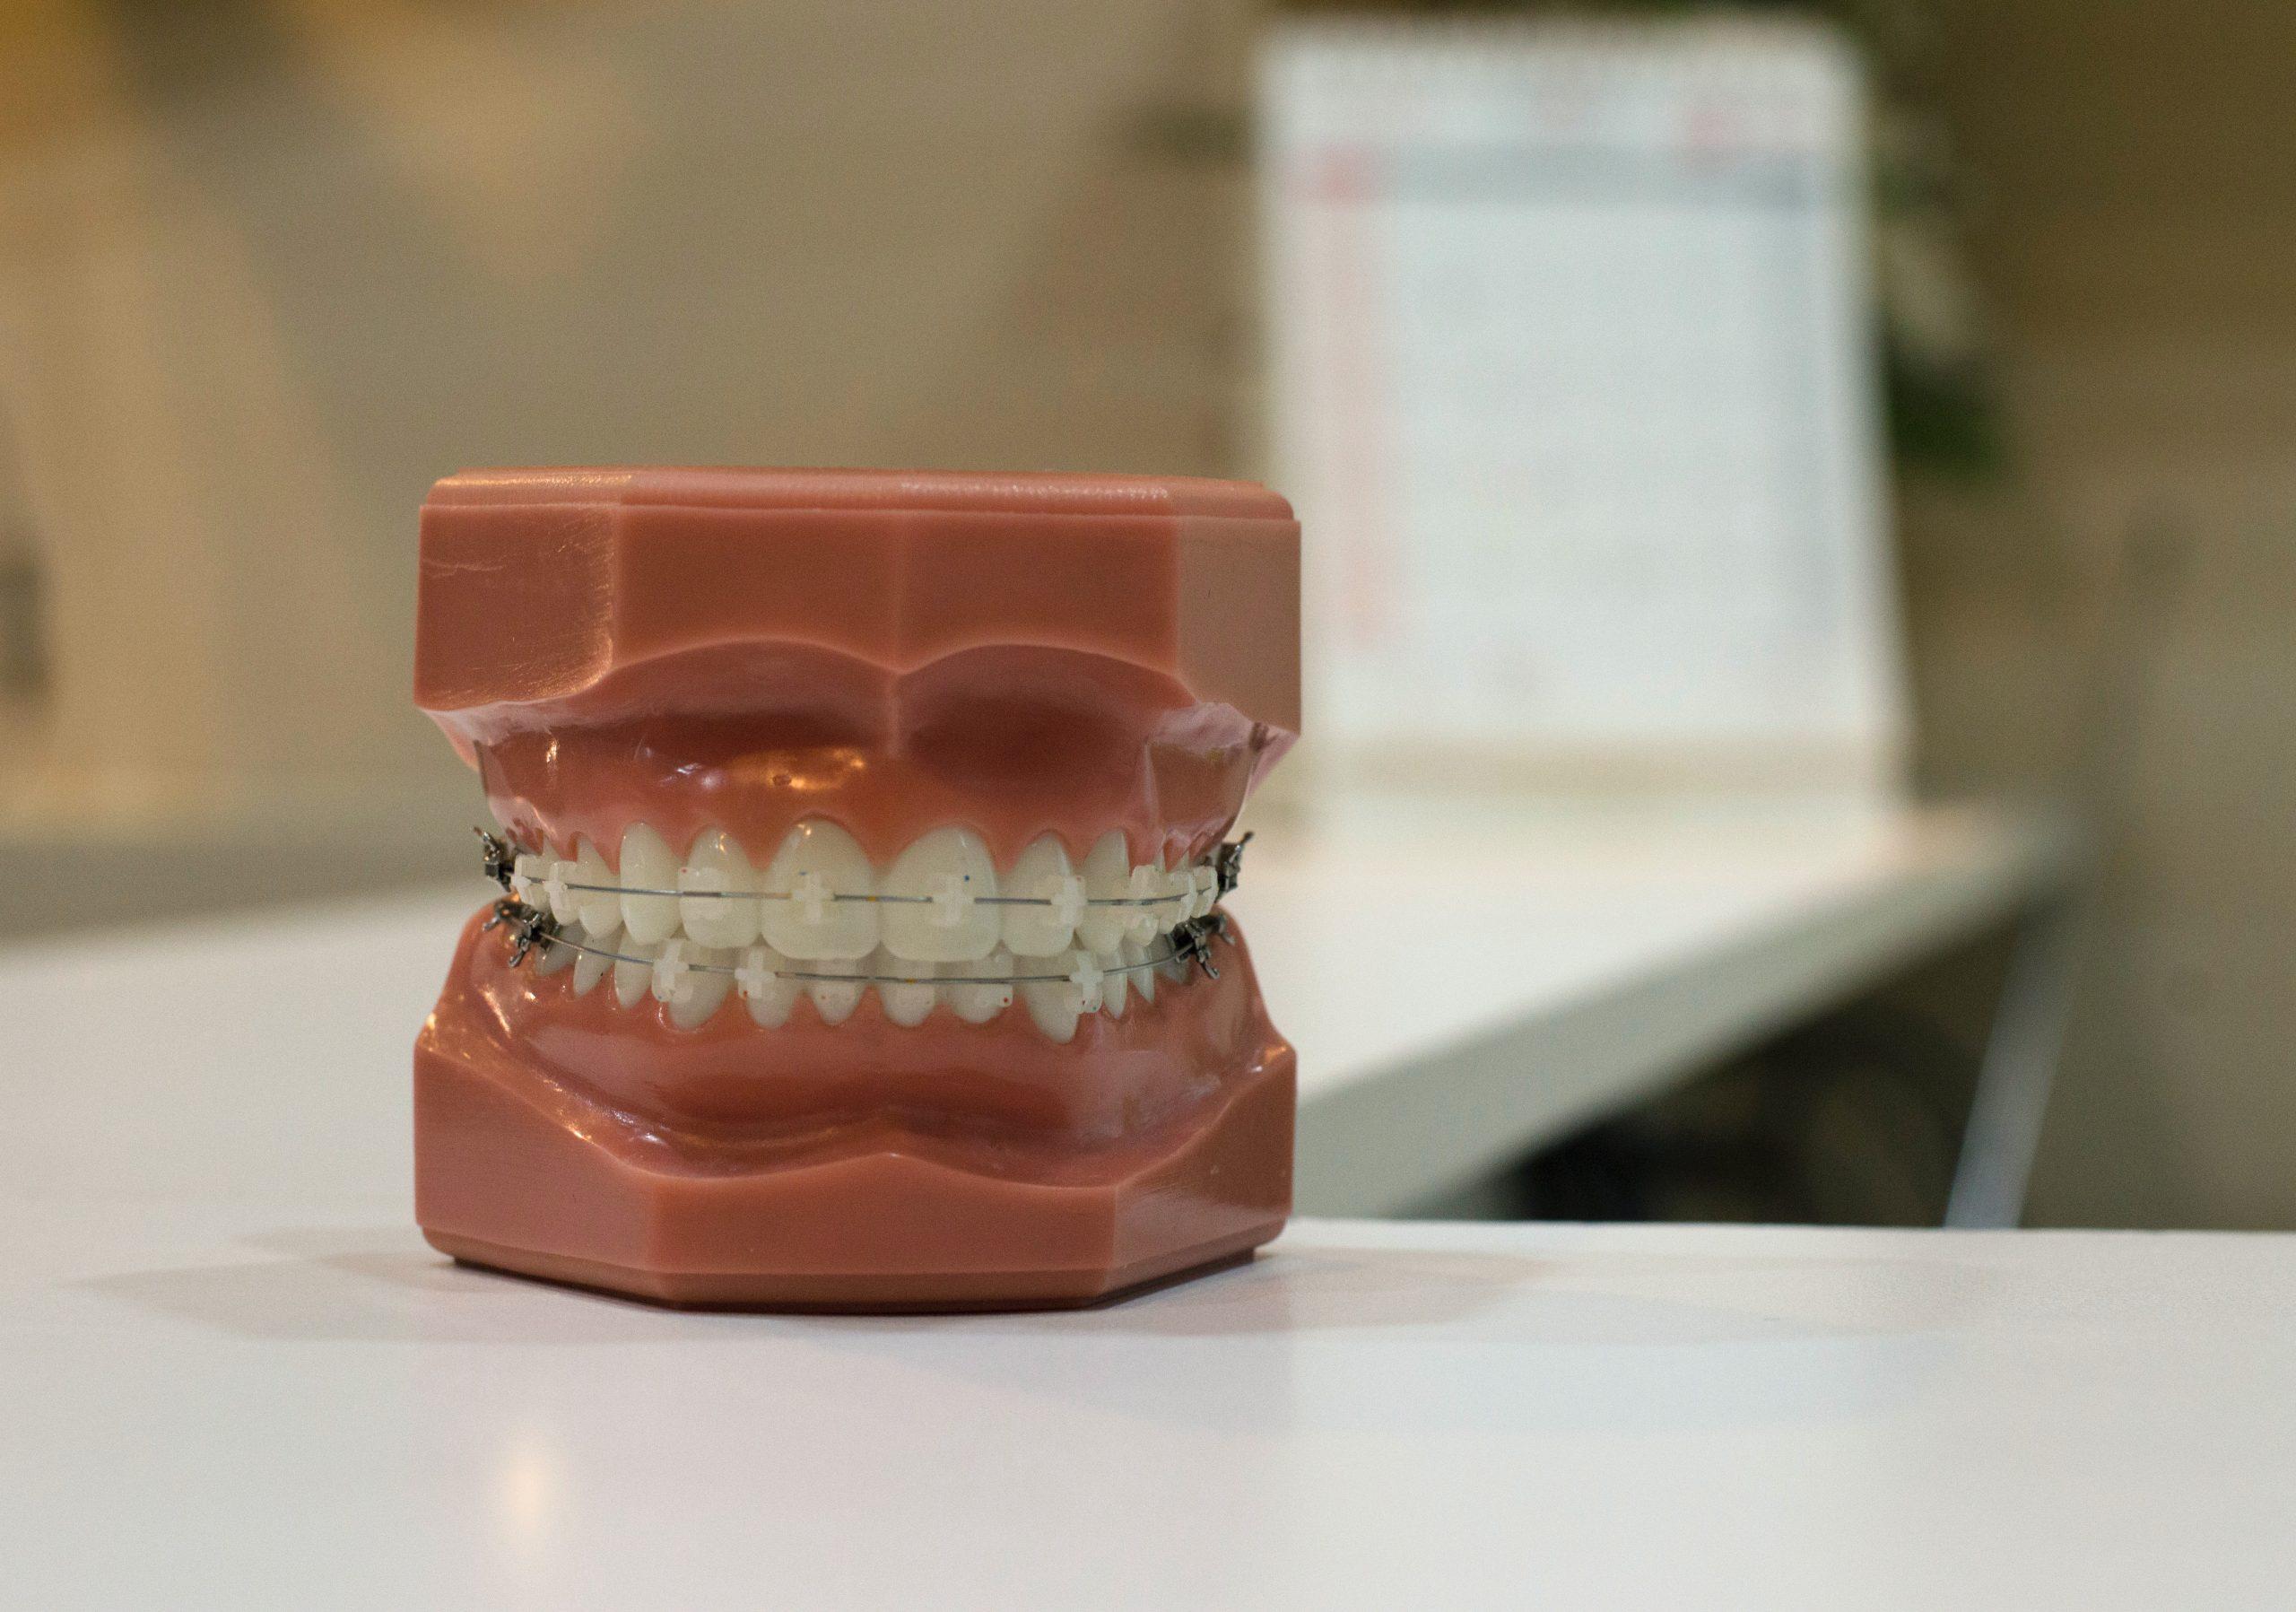 Foto de dientes con unos brackets.